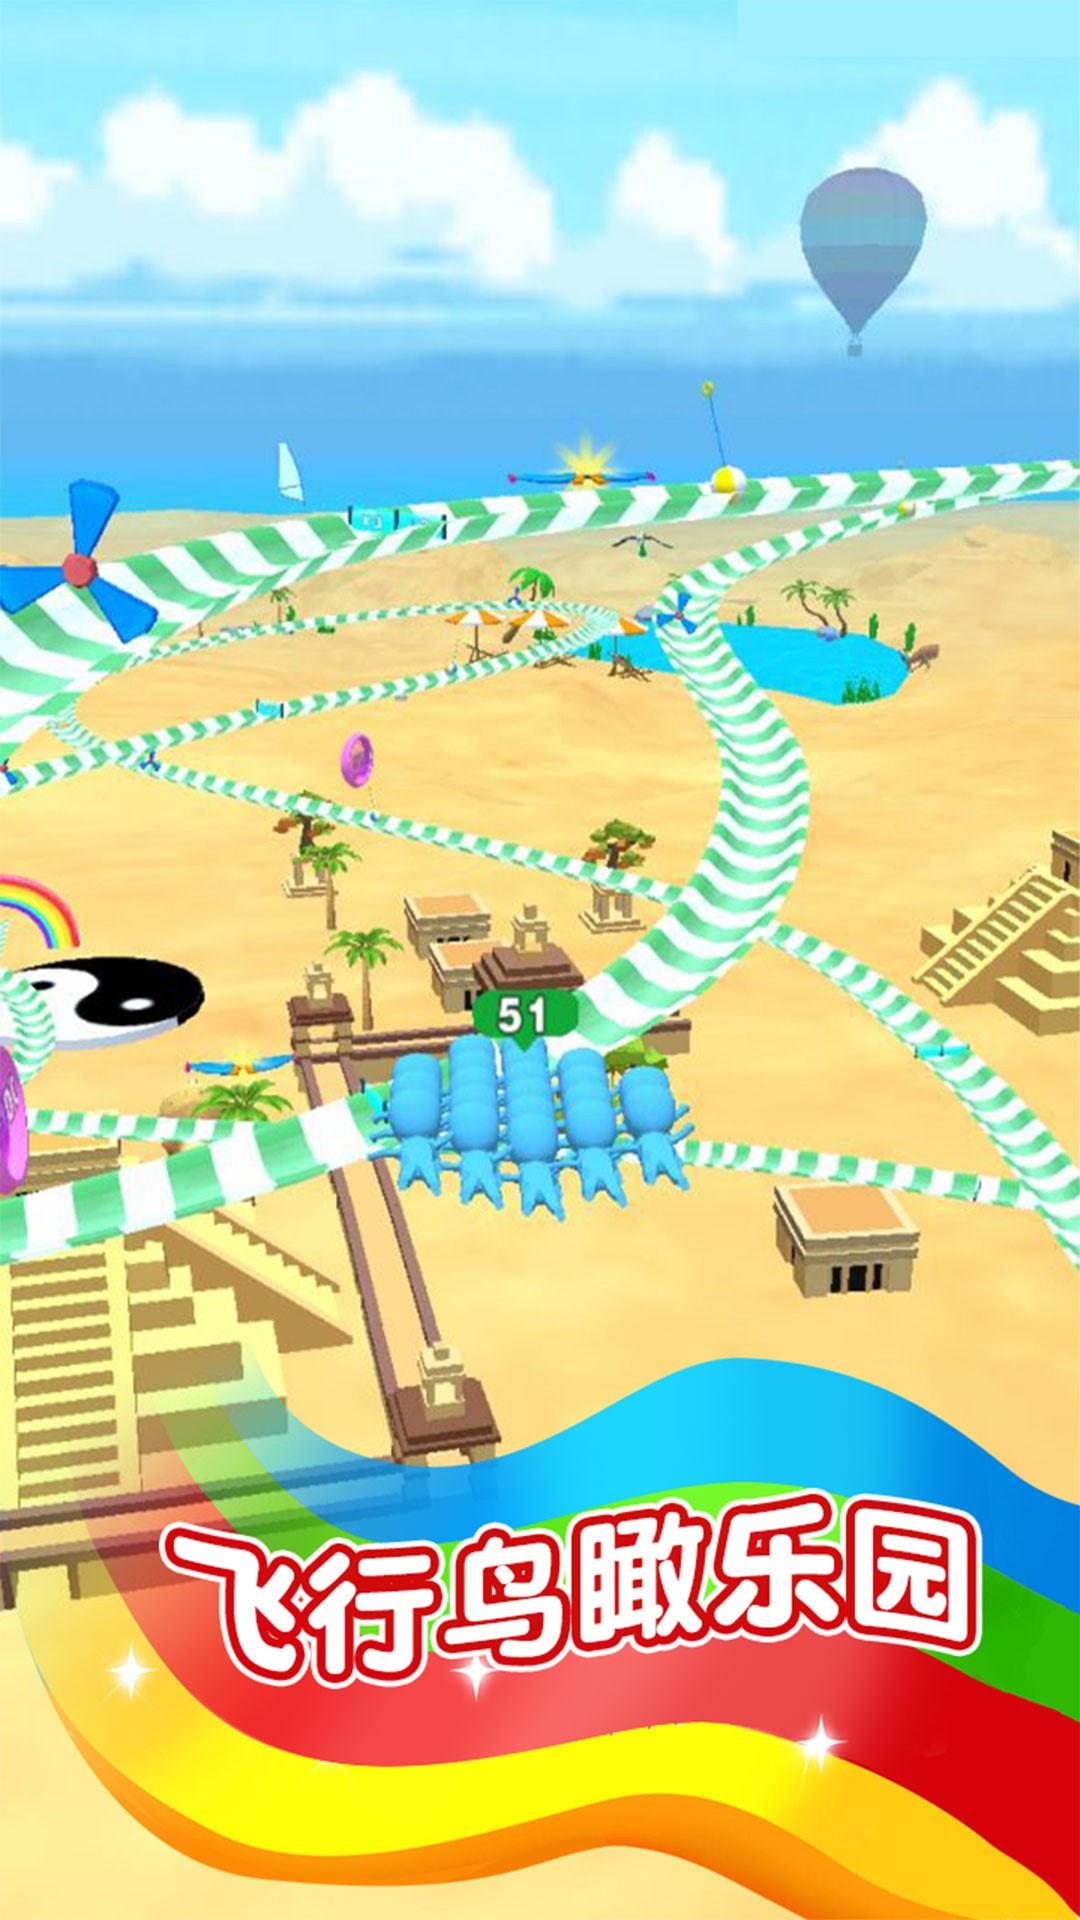 水上冒险乐园图3